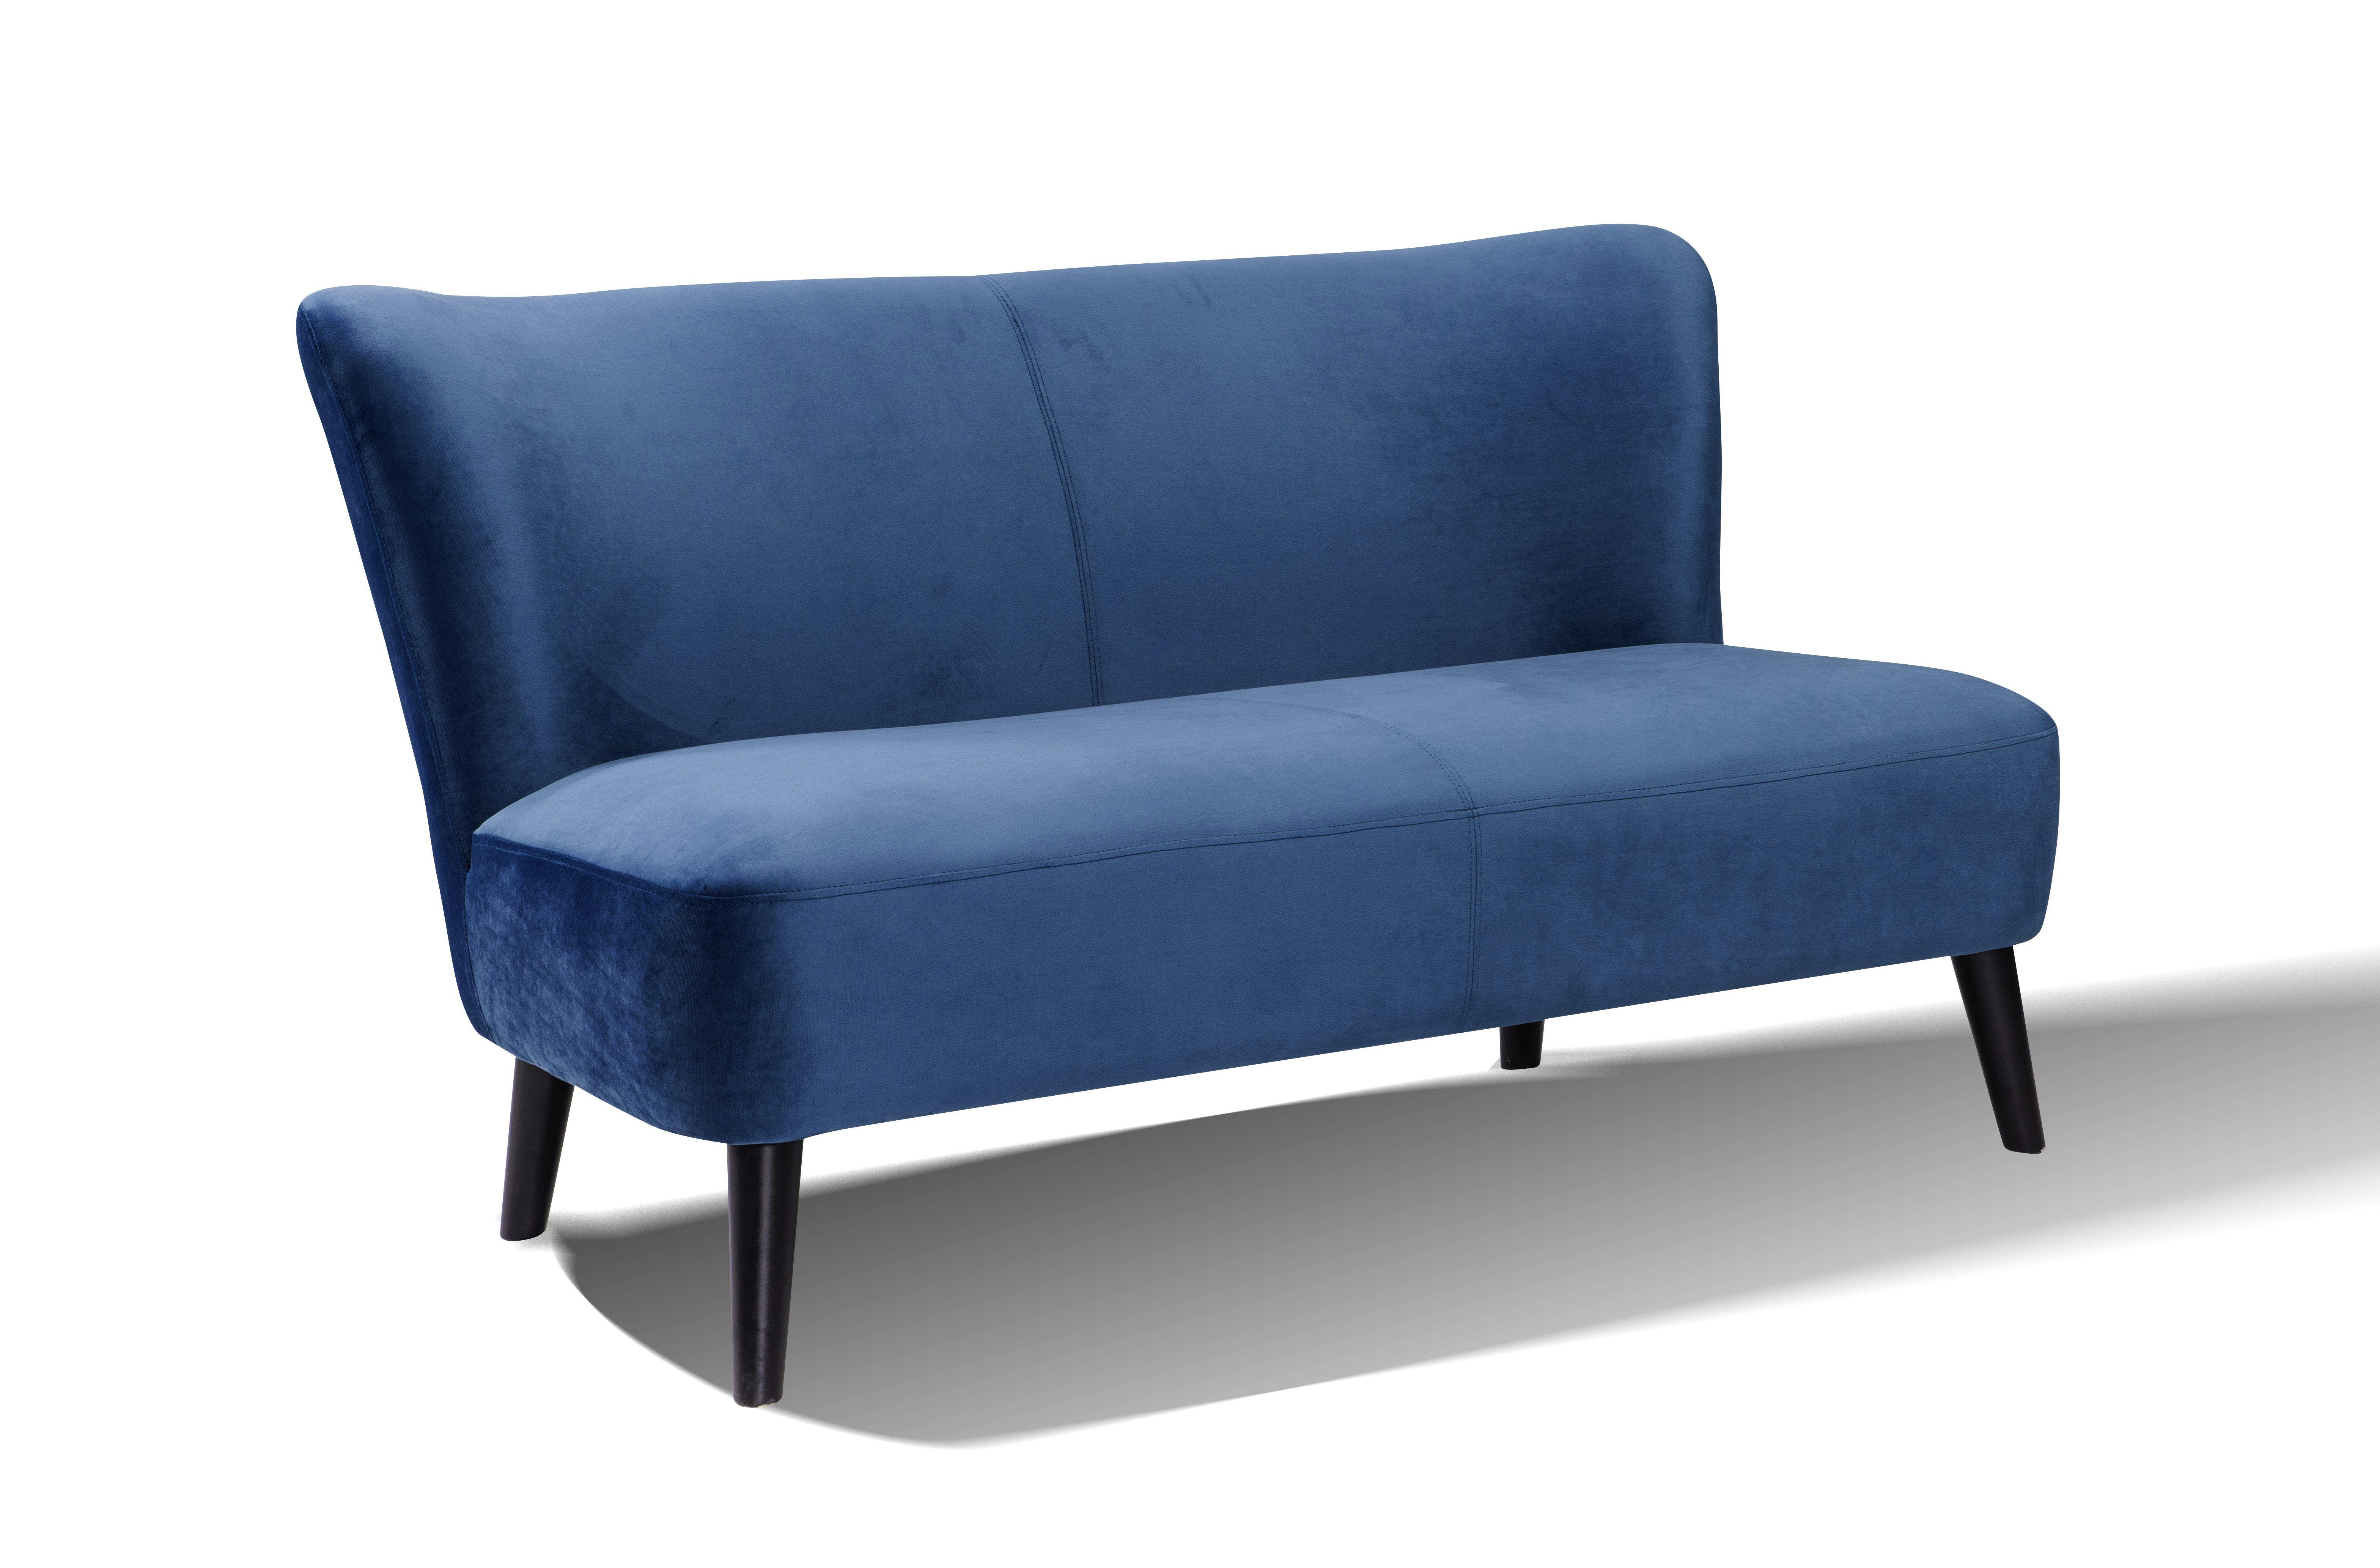 Schones Sofa Couch Fur Das Wohnzimmer Haus Deko Sofa Couch Dunkles Sofa